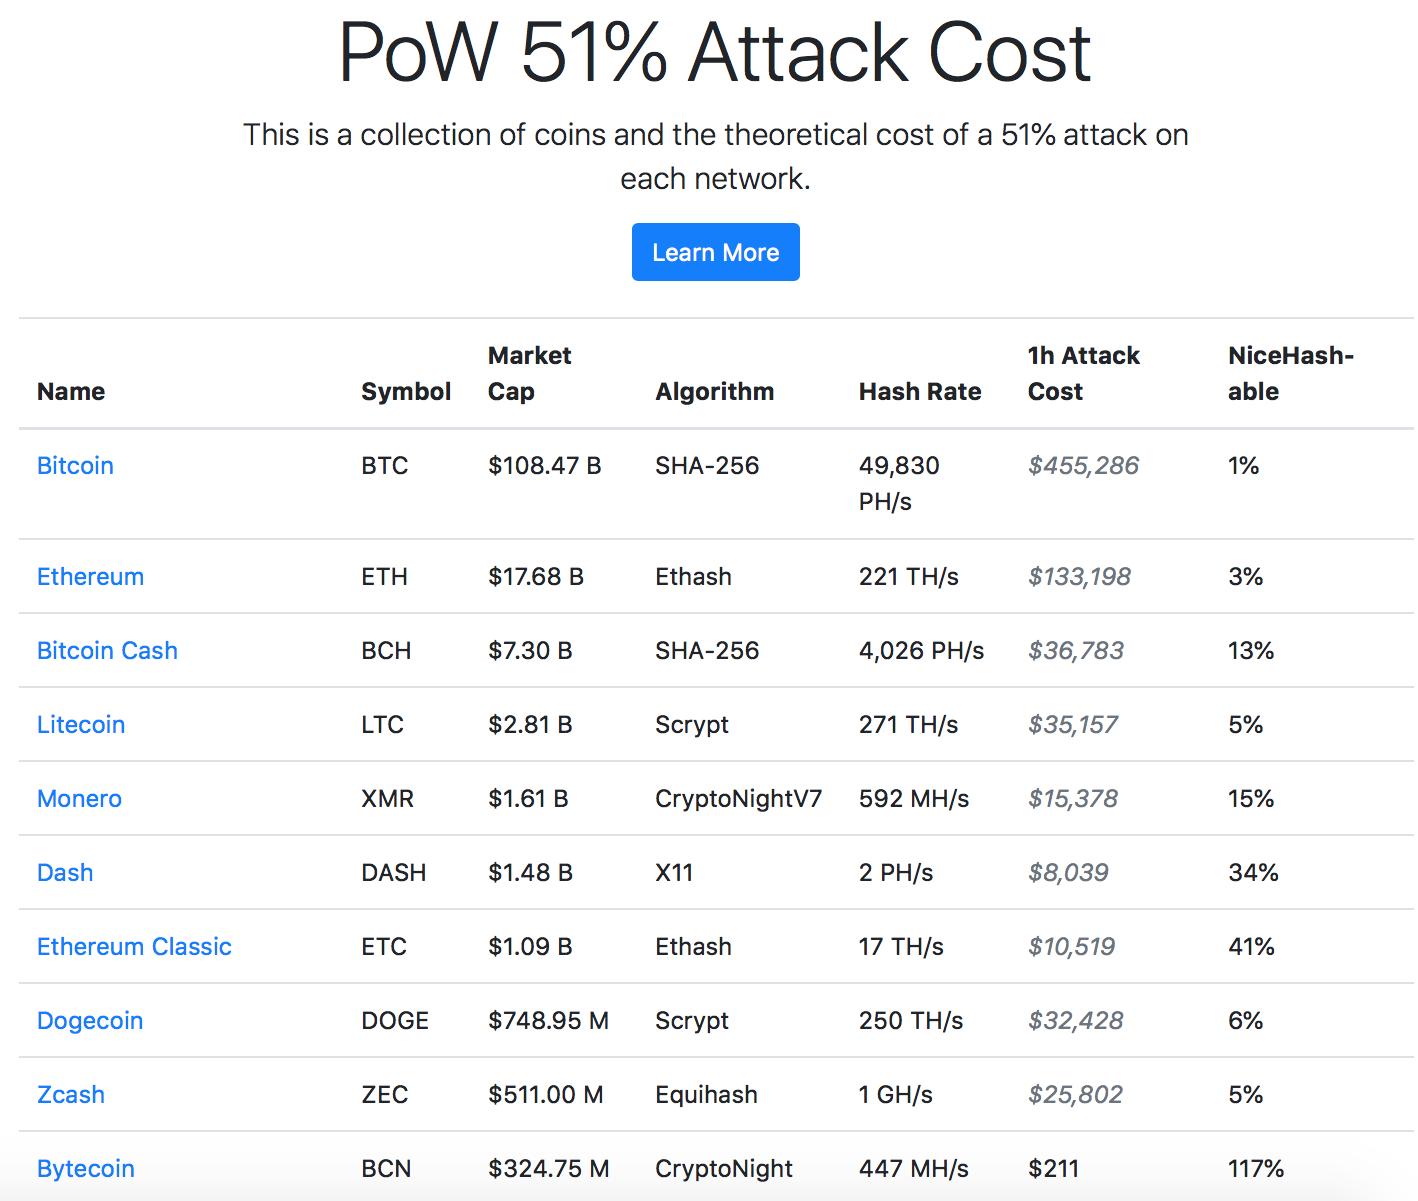 Скриншот с сайта PoW 51% Attack Cost